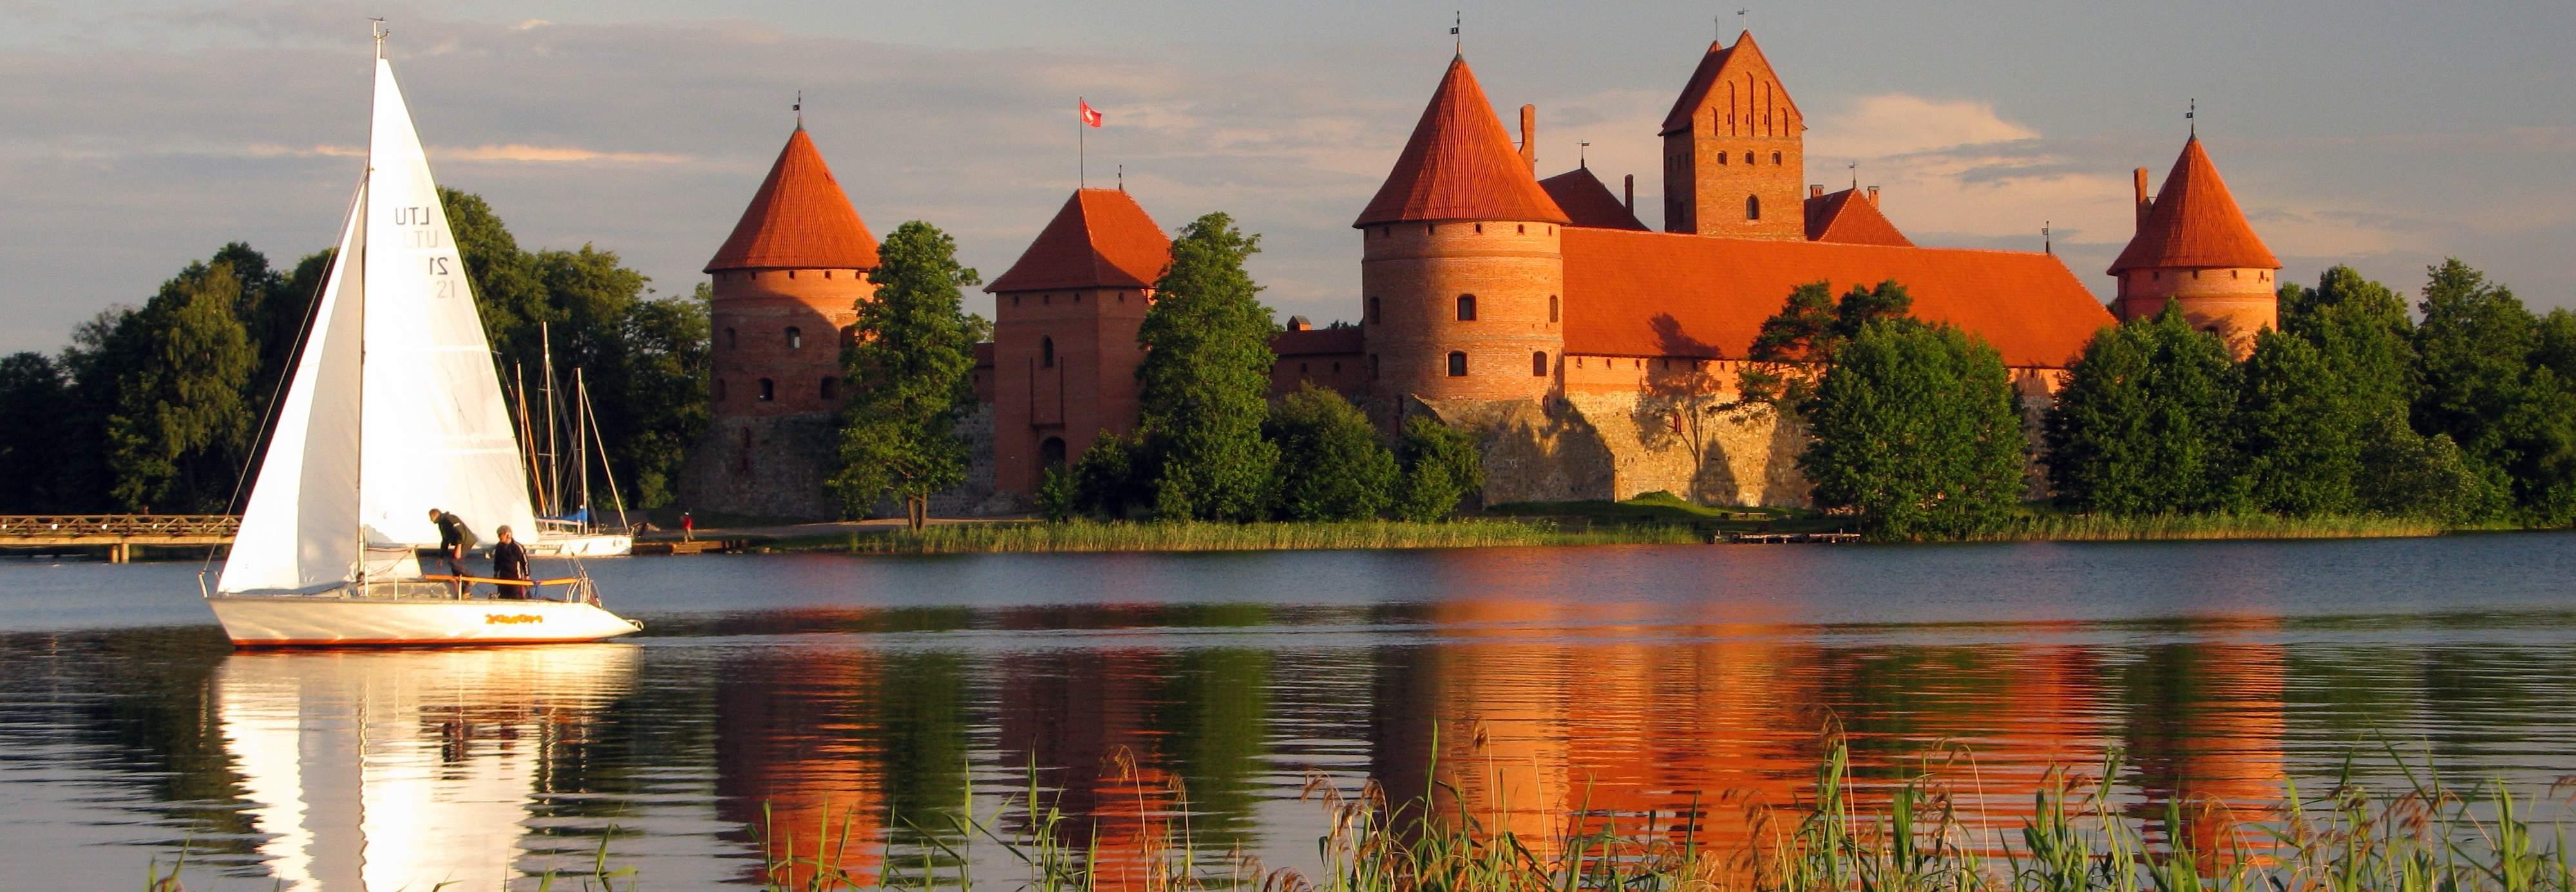 trakai-castle-lithuania